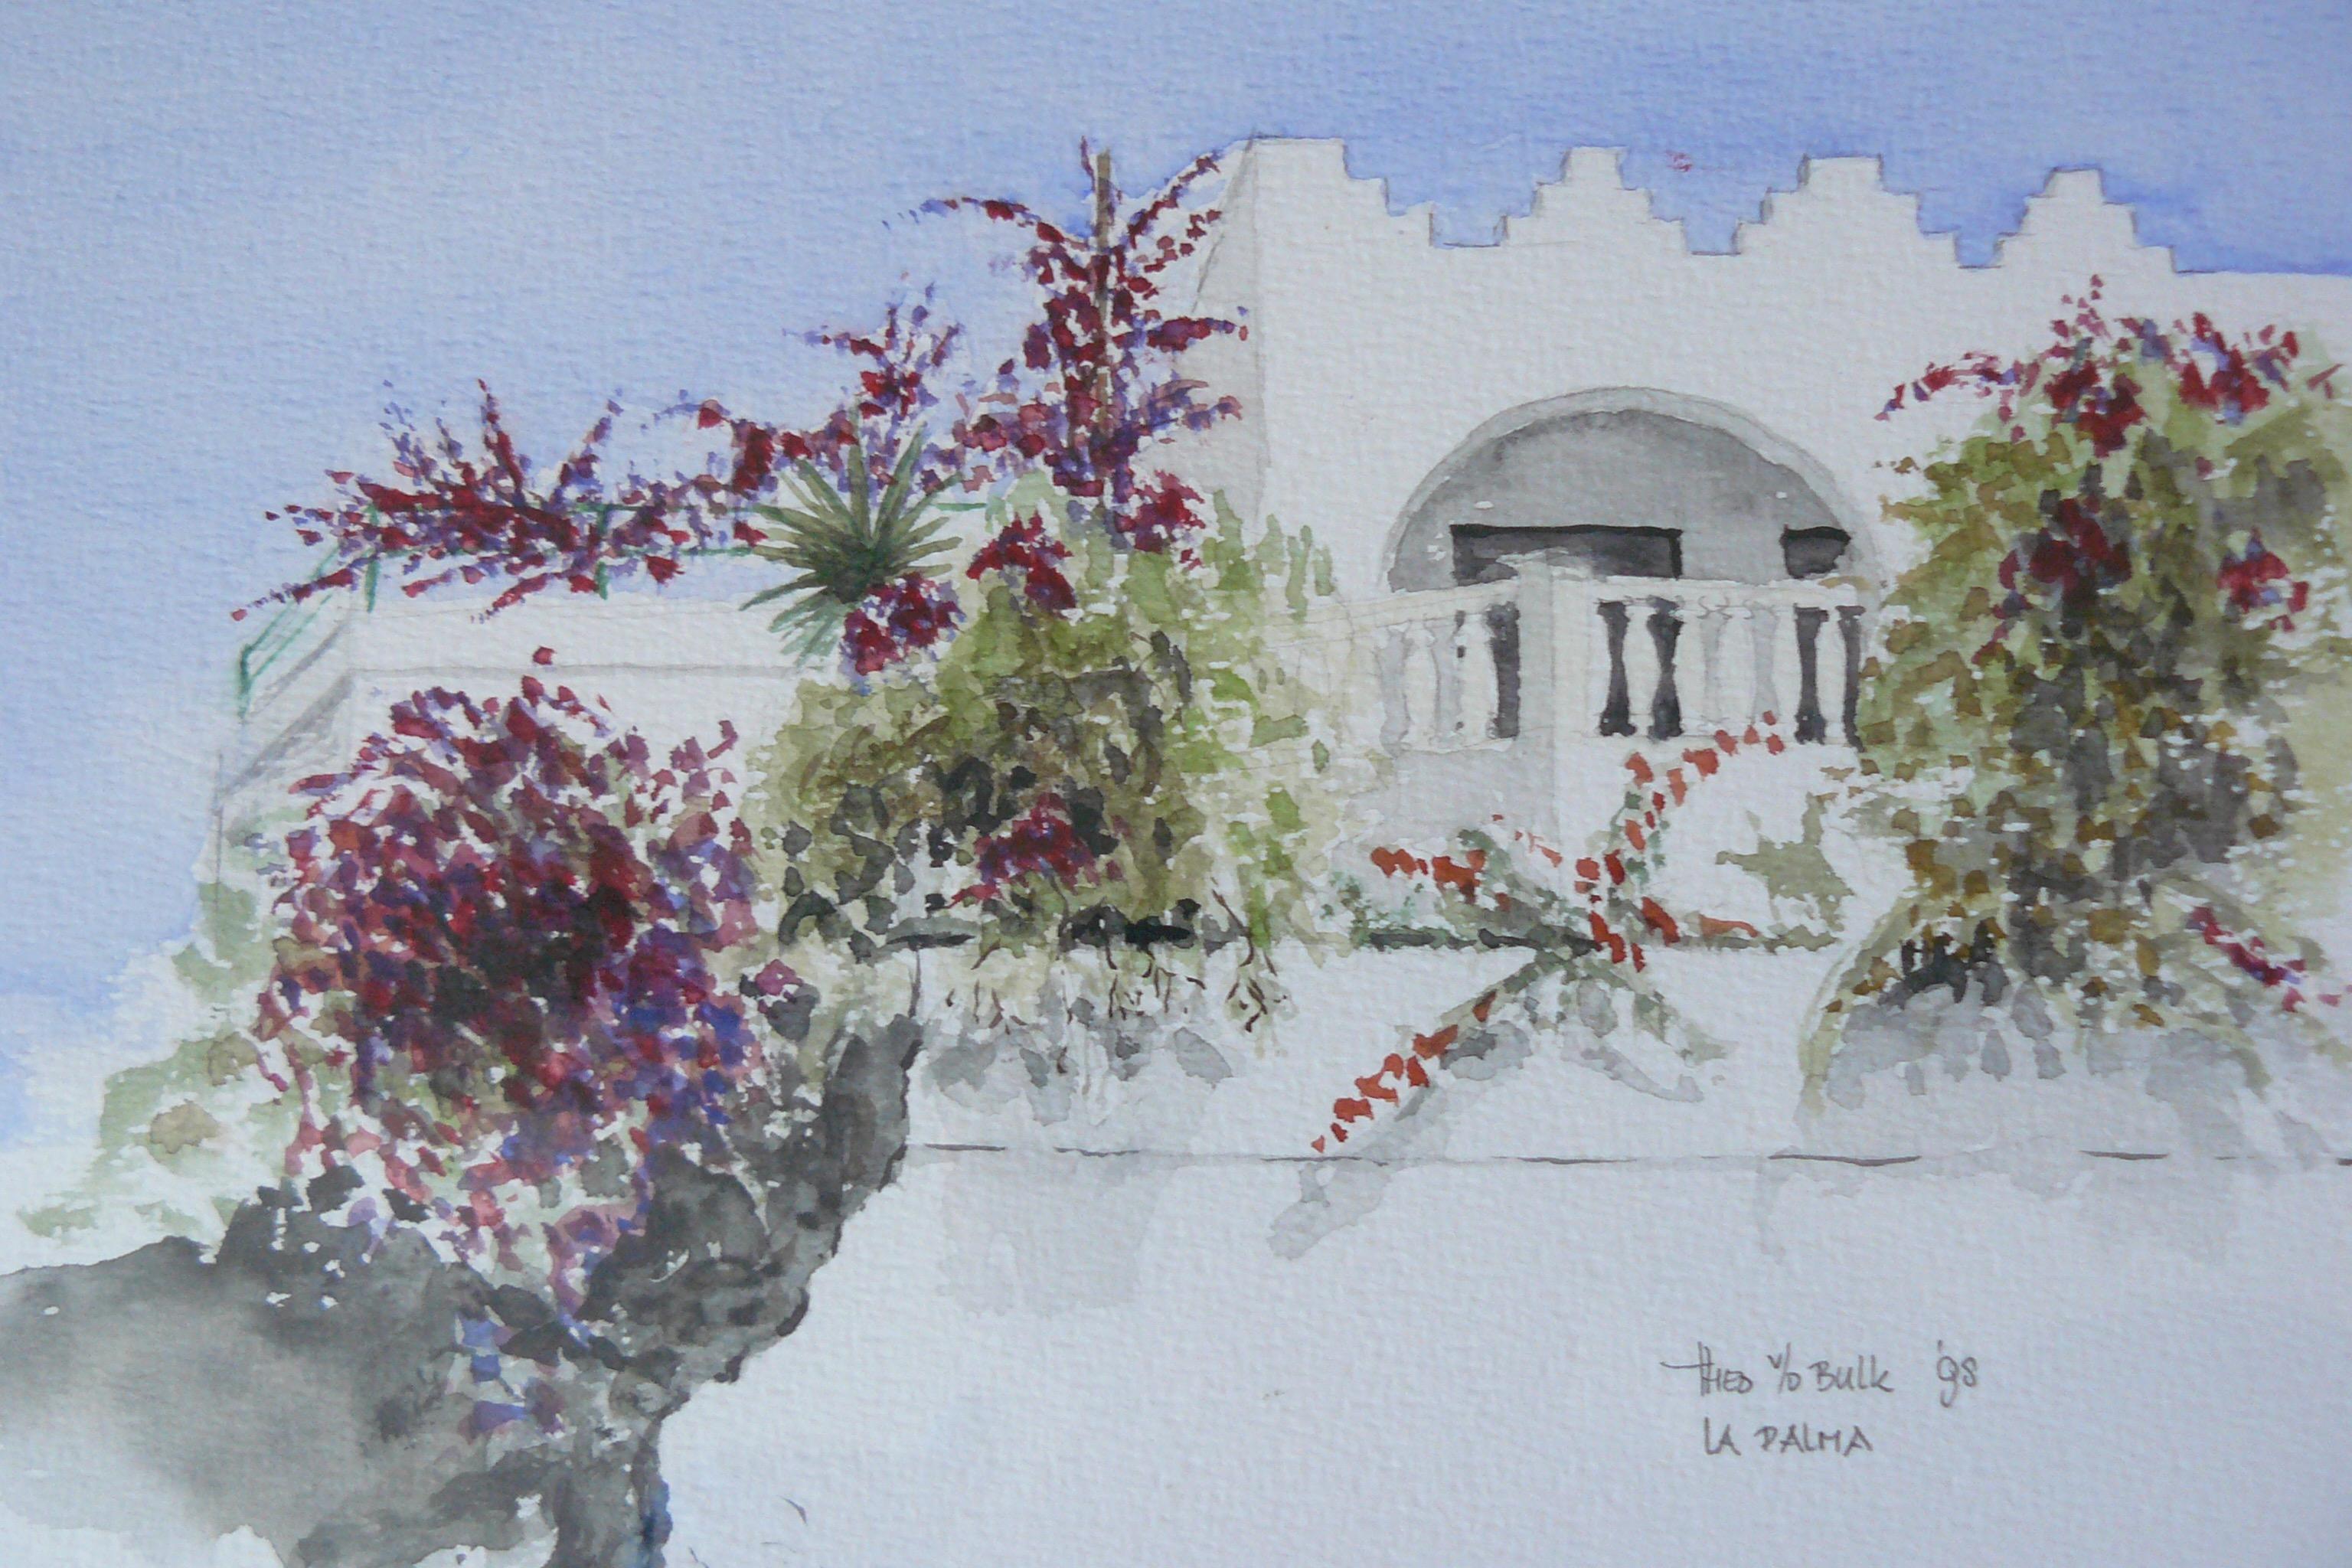 1998-007 wit huis La Palma